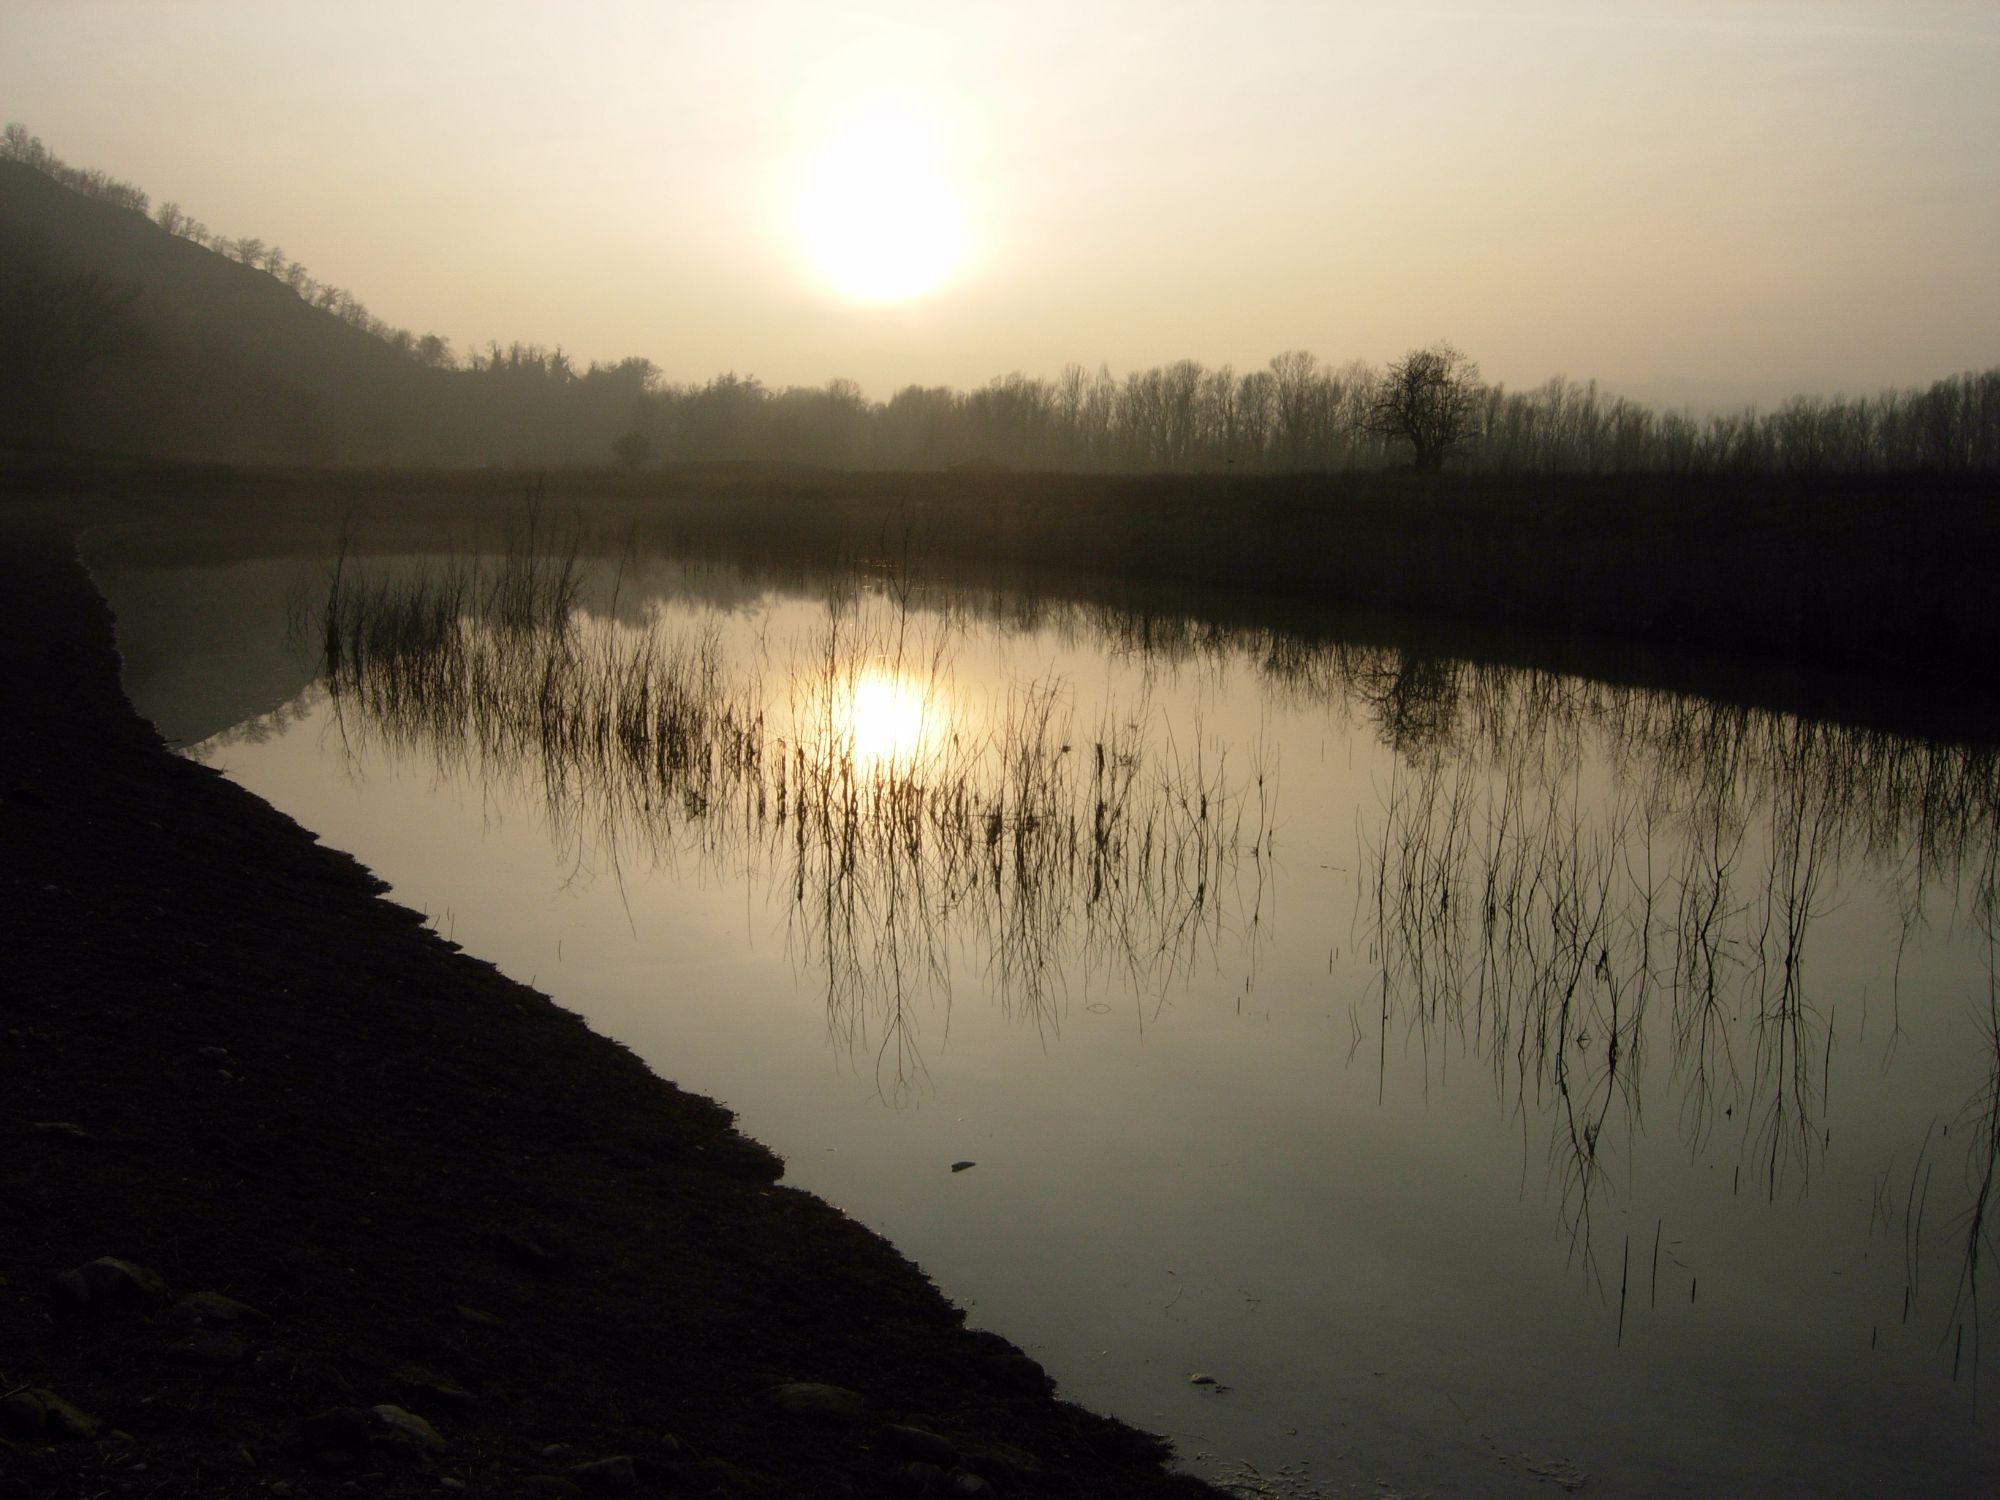 Visita guidata all'Oasi naturalistica di San Gherardo e Concerto al tramonto